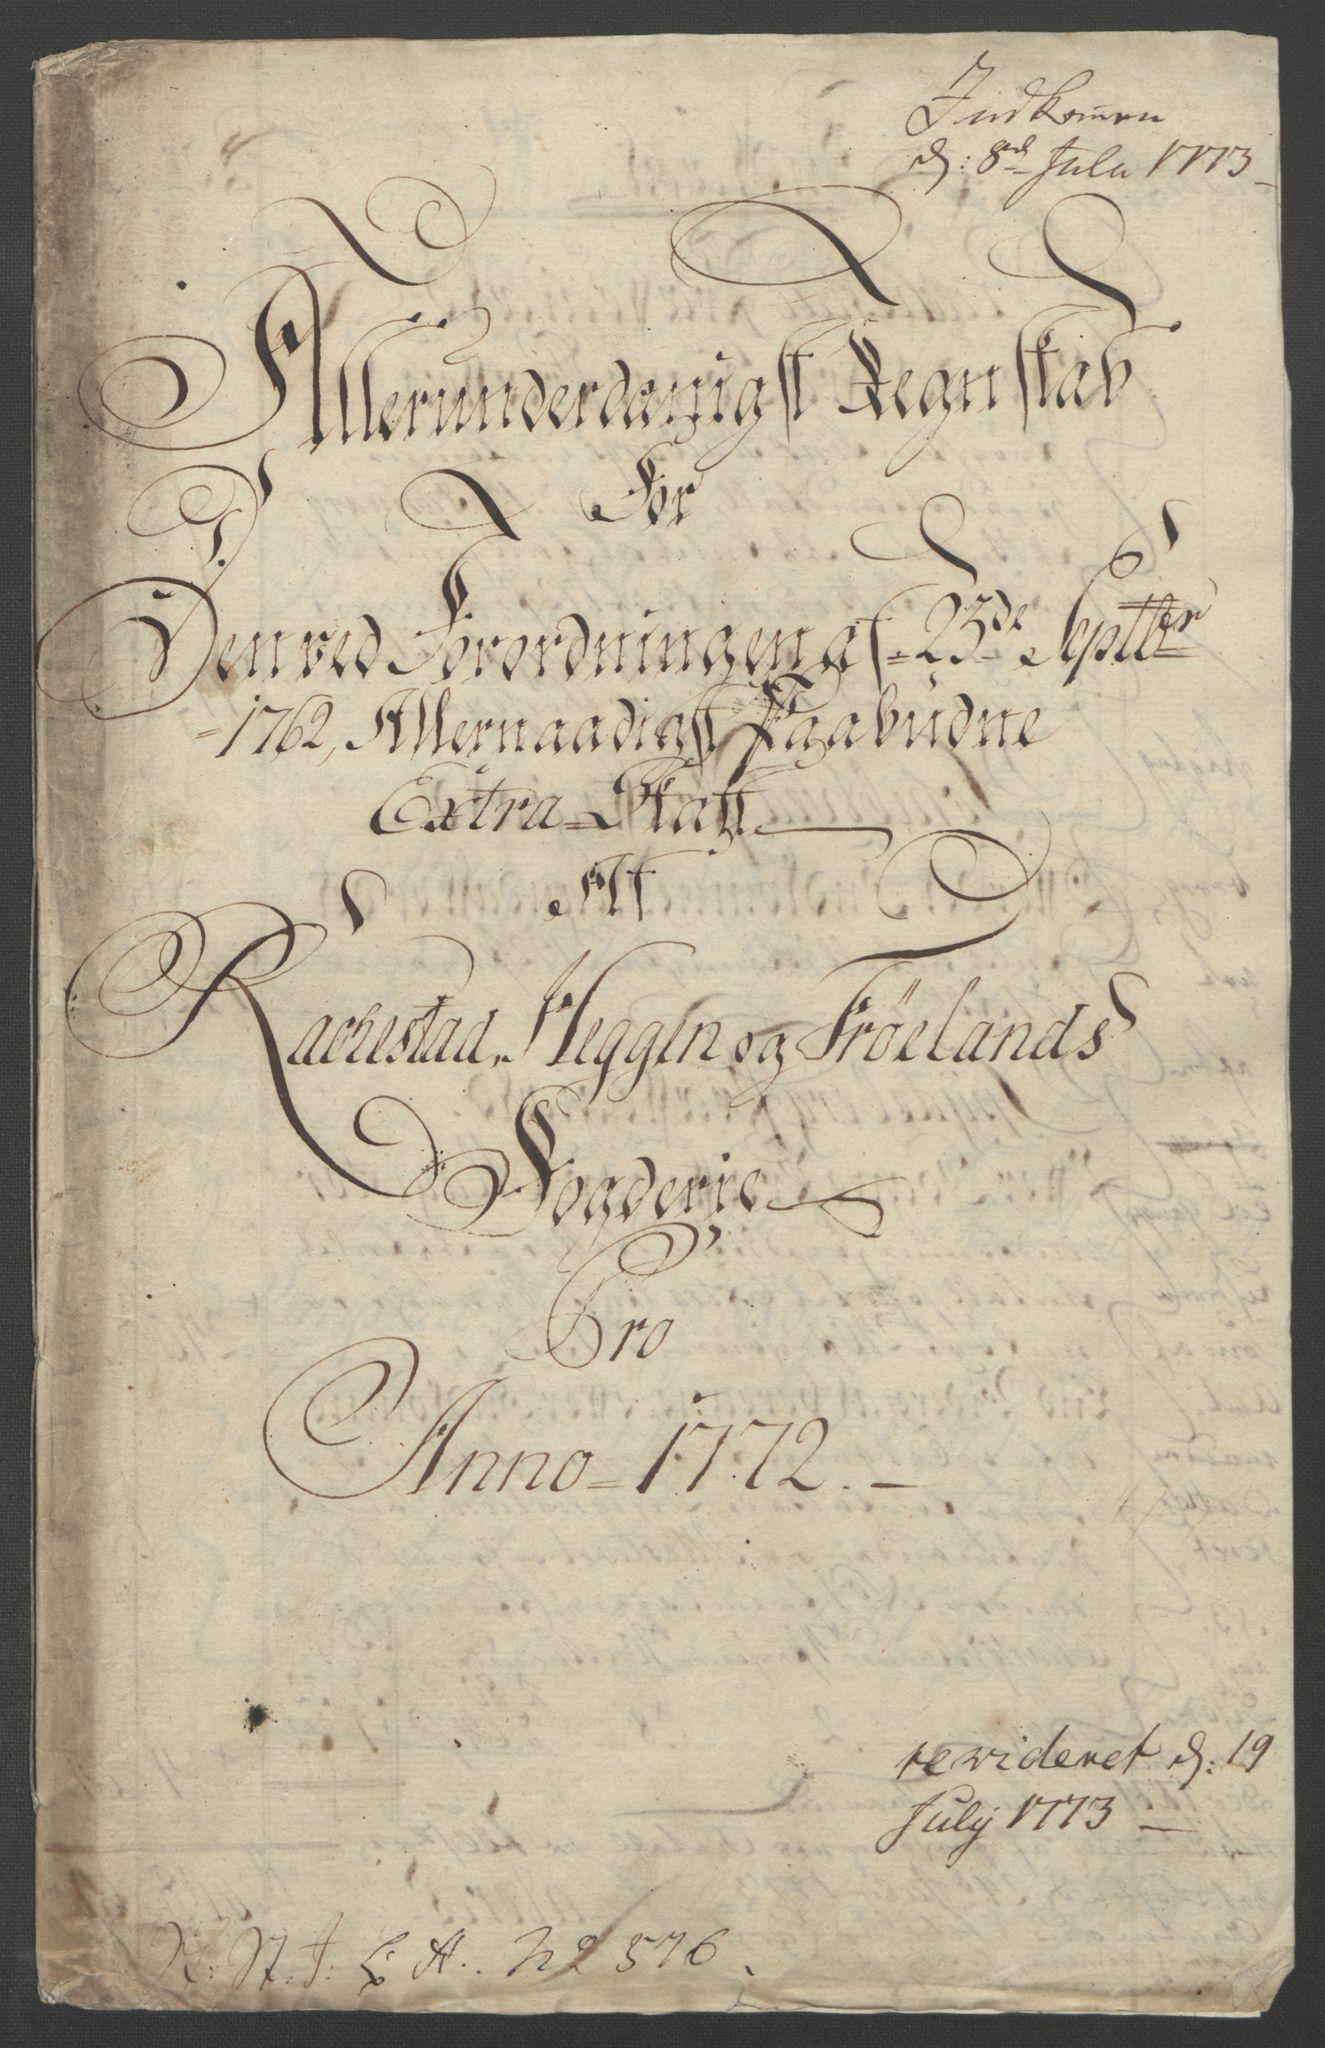 RA, Rentekammeret inntil 1814, Reviderte regnskaper, Fogderegnskap, R07/L0413: Ekstraskatten Rakkestad, Heggen og Frøland, 1762-1772, s. 516